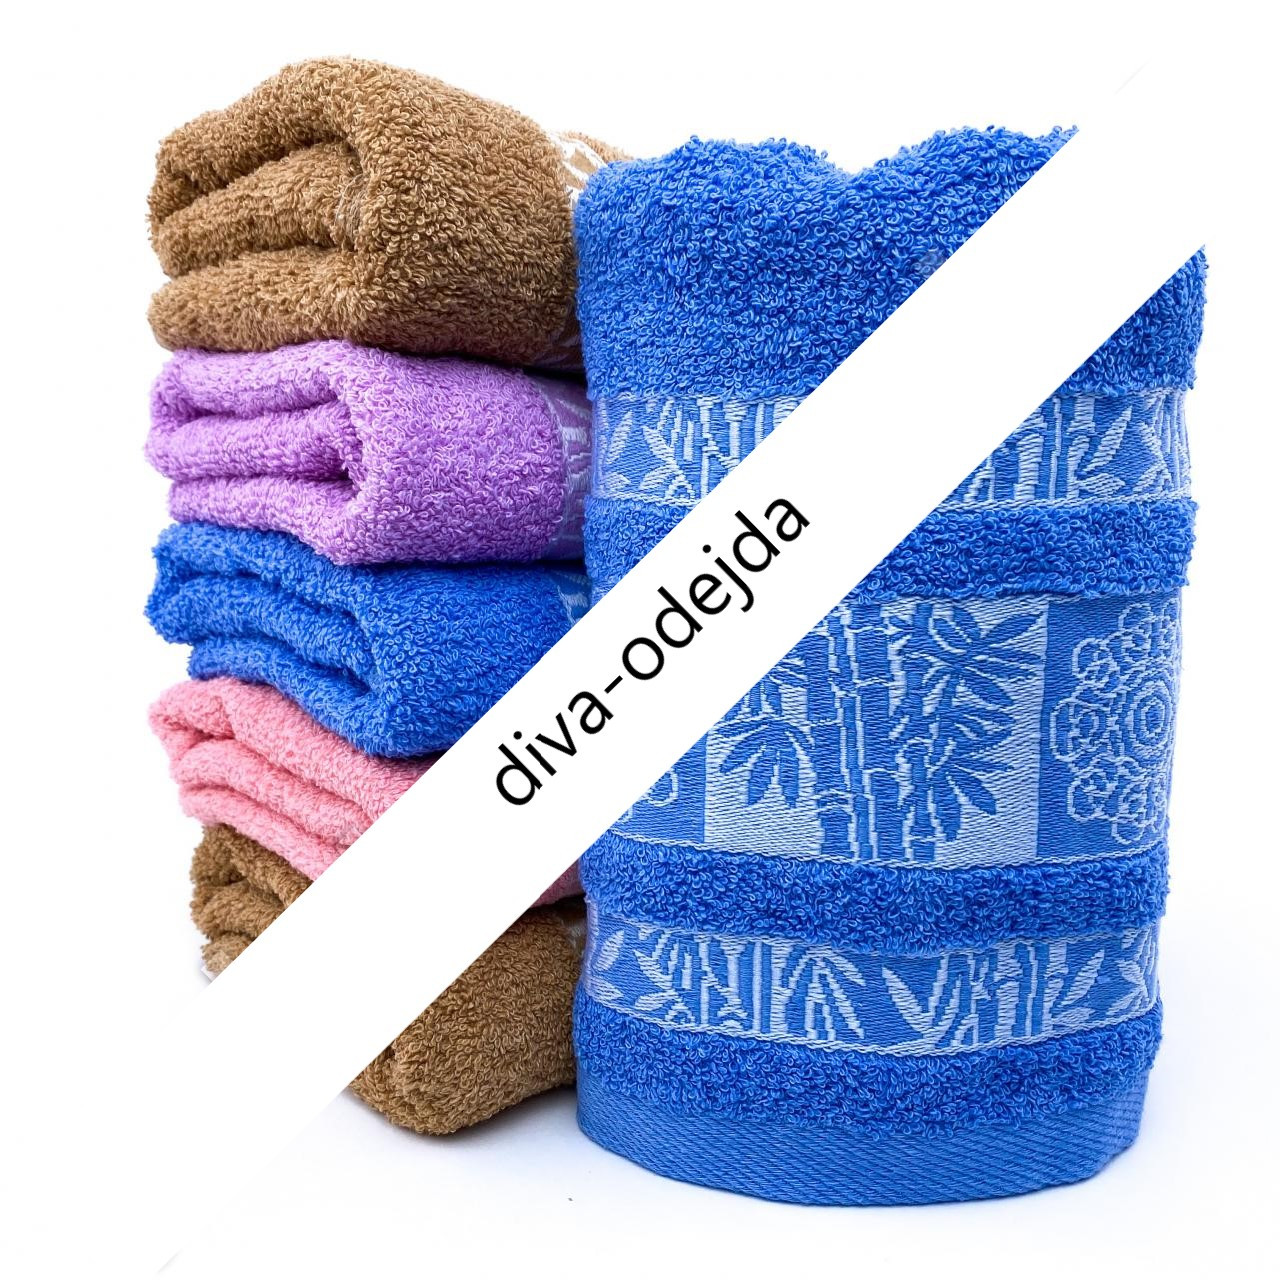 Полотенце для рук и лица с красивыми русунками.Размер:1,0 x 0,5